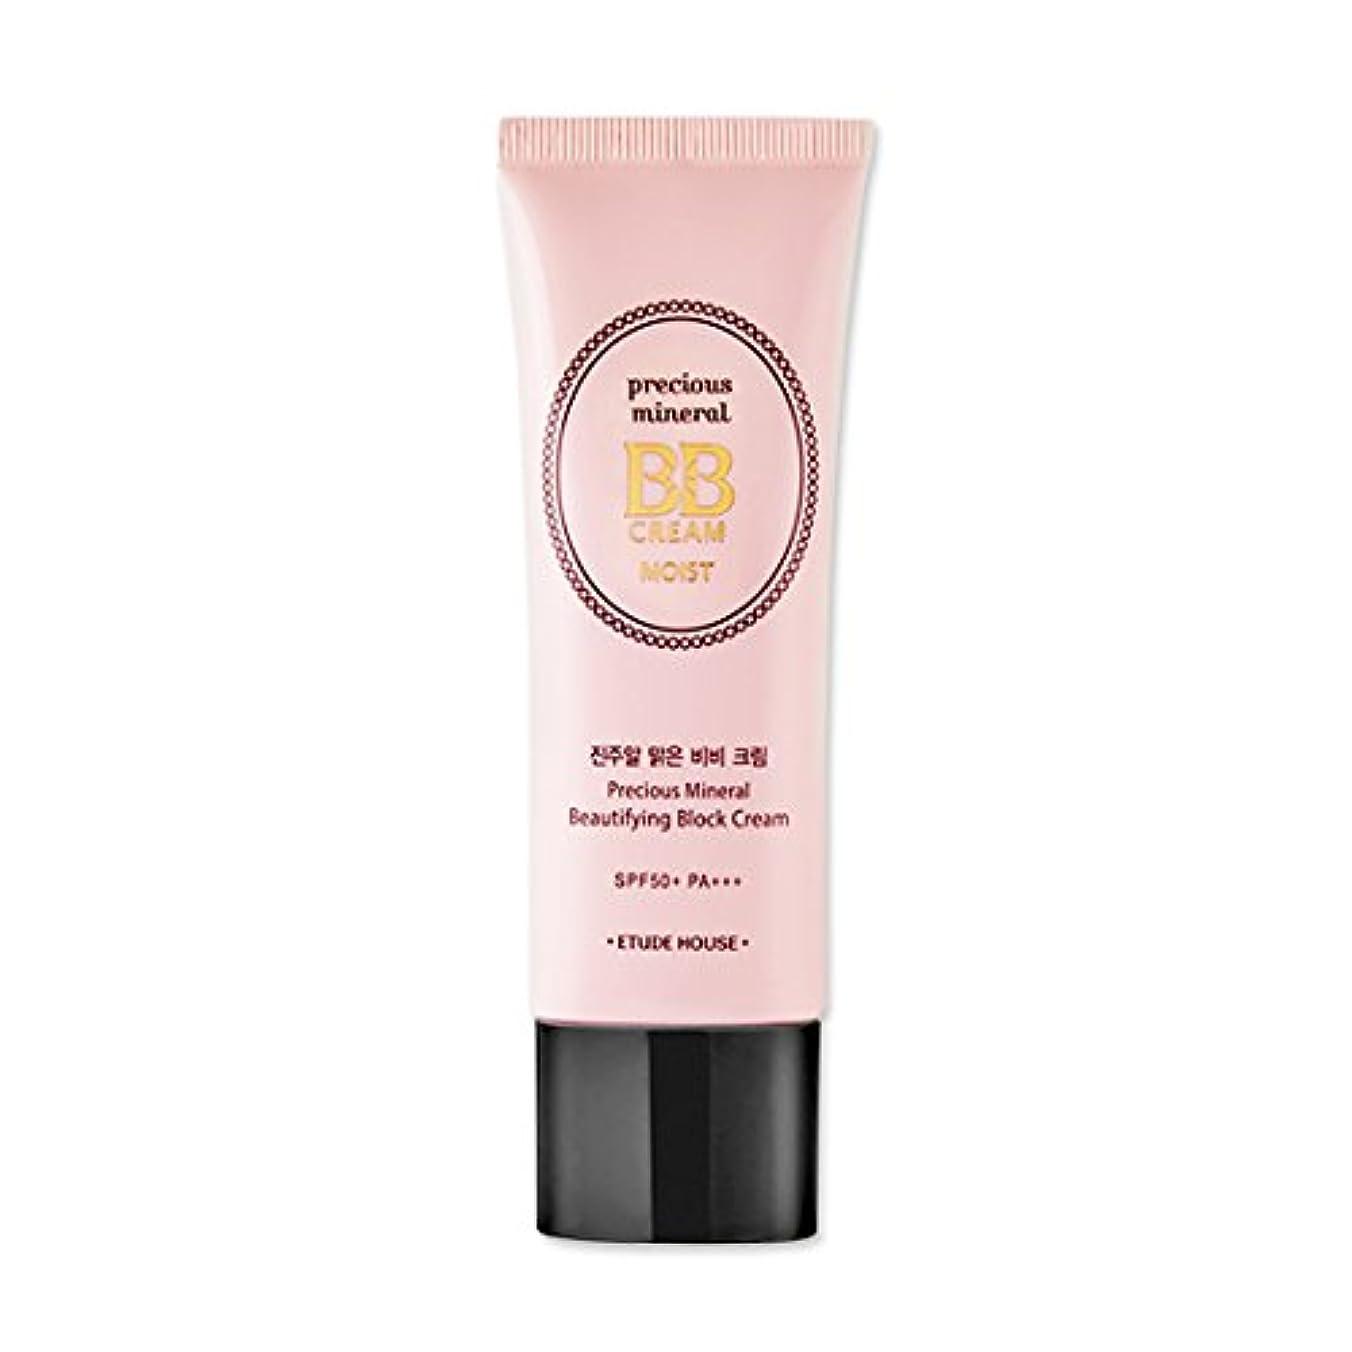 間警察署改善する[New] ETUDE HOUSE Precious Mineral BB Cream * Moist * 45g/エチュードハウス プレシャス ミネラル BBクリーム * モイスト * 45g (#Sand) [並行輸入品]